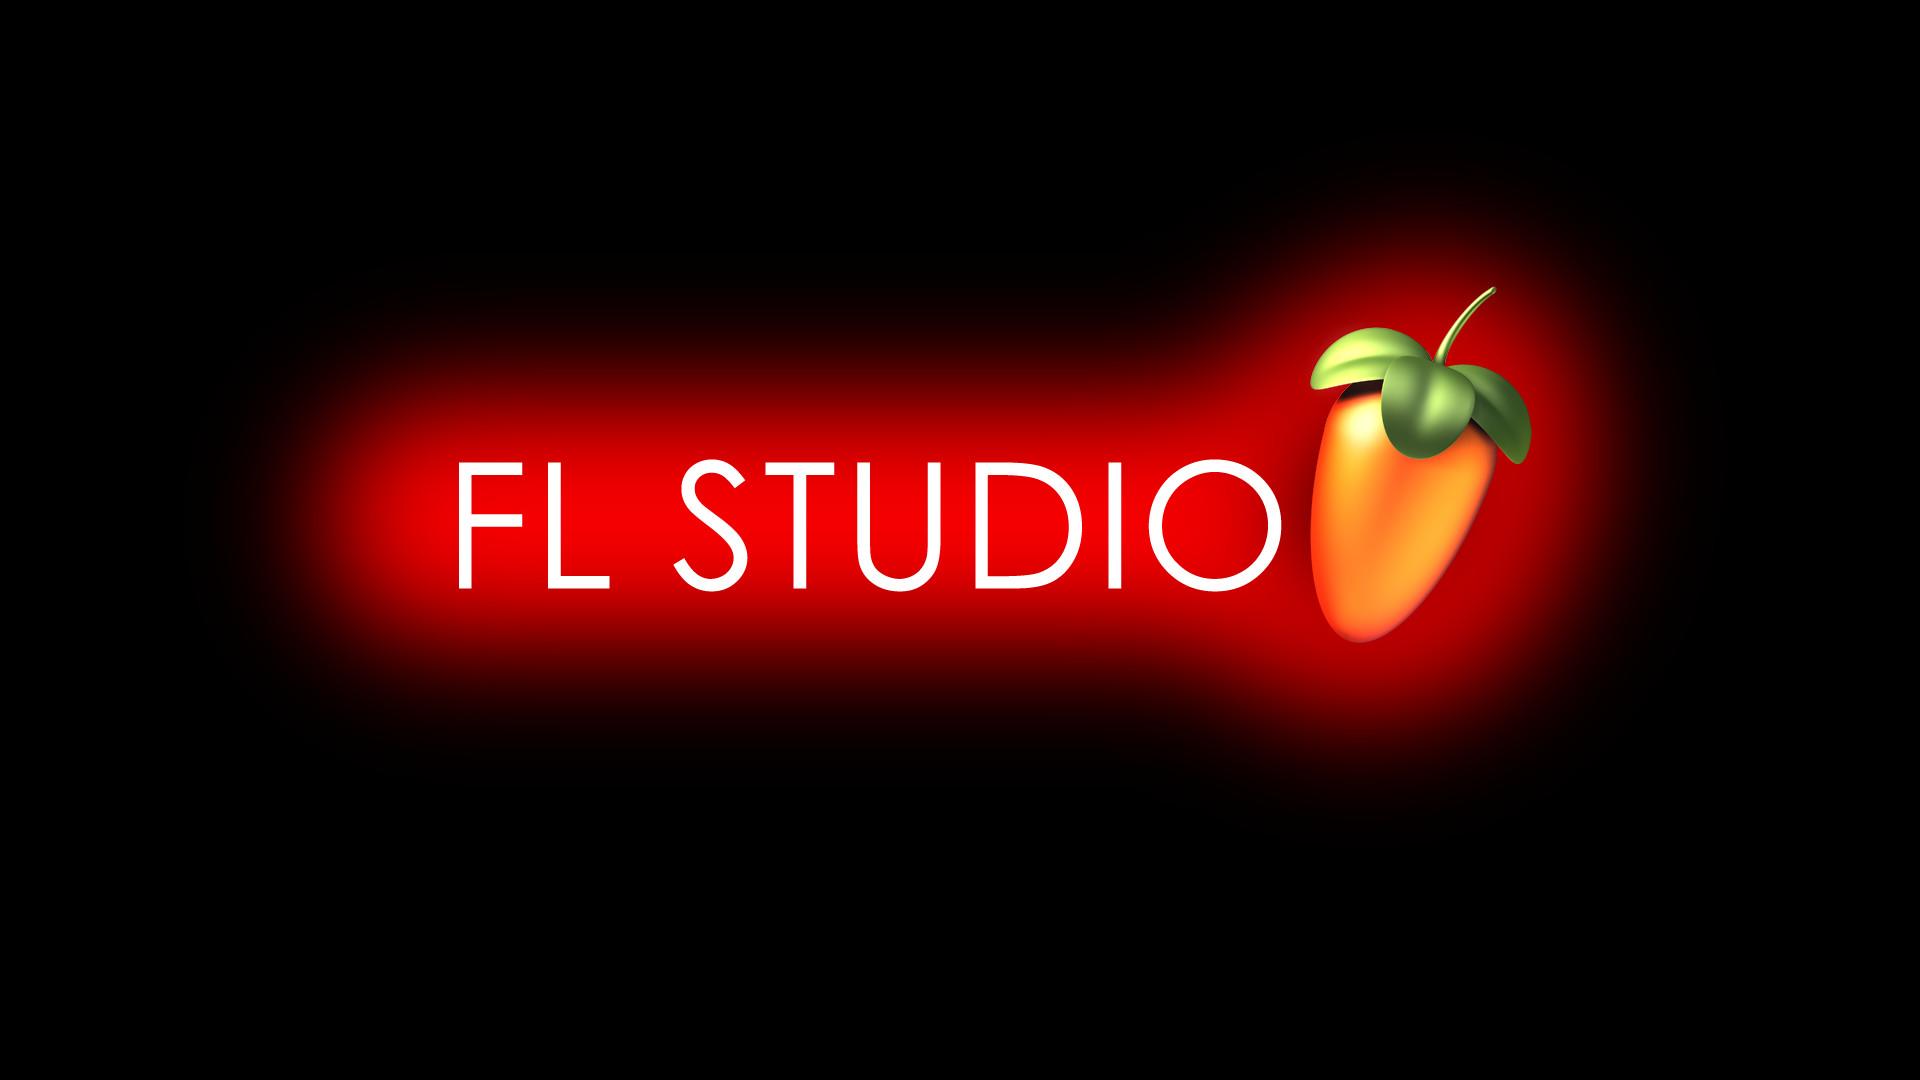 … FL Studio Glow Red by Ozicks